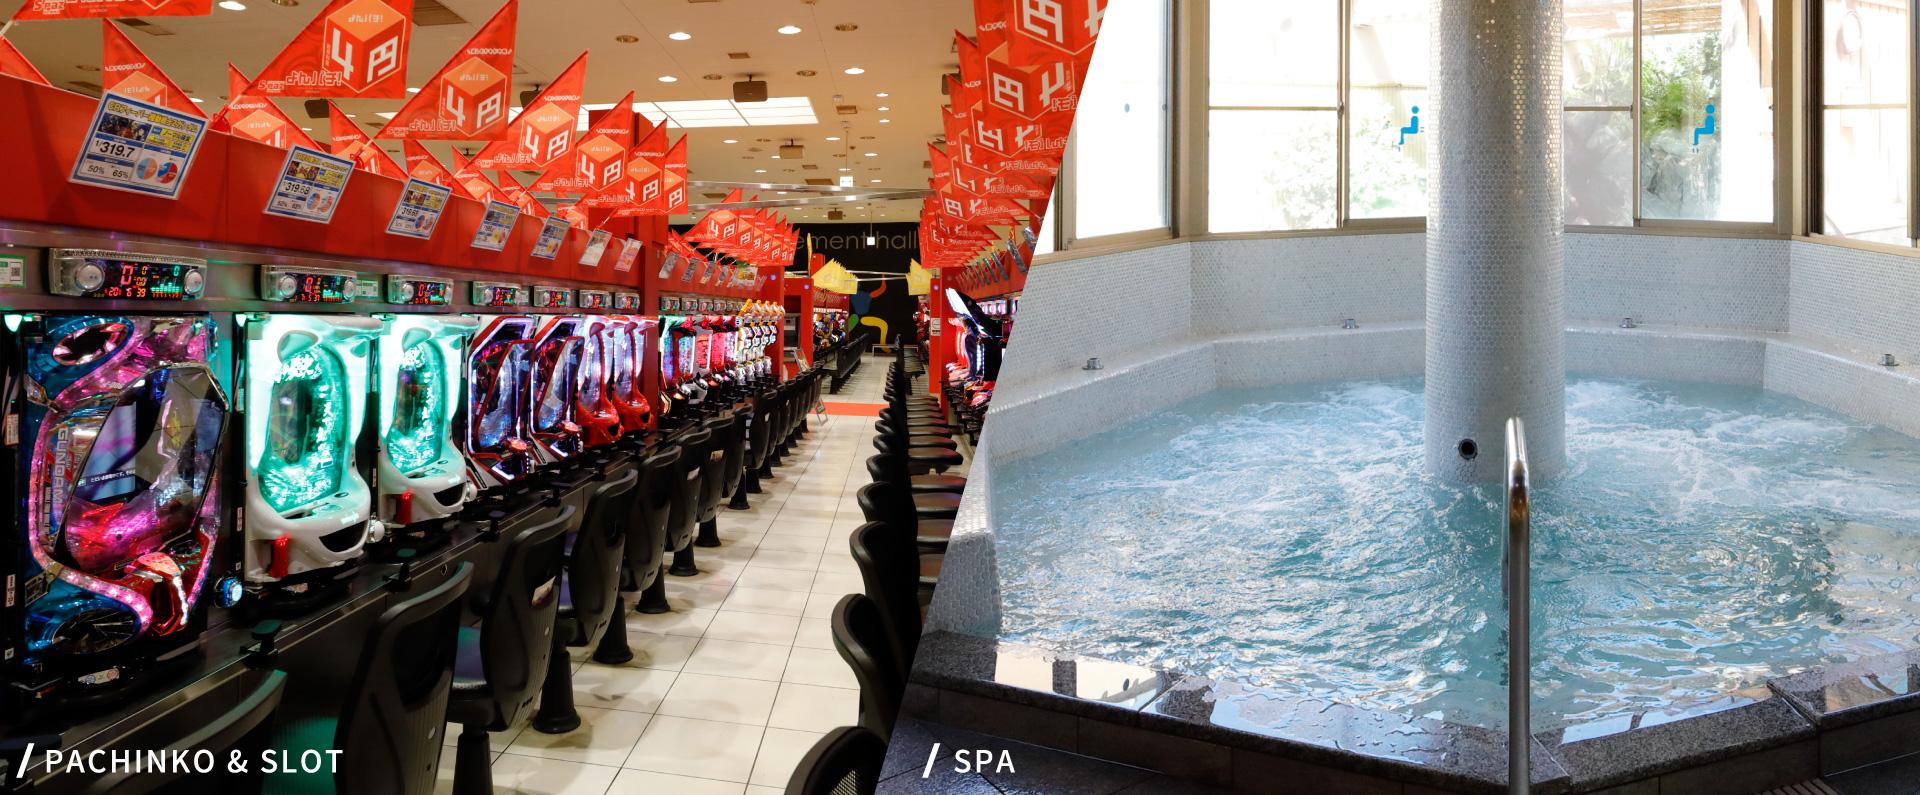 画像:パチンコ部門店舗・平和な湯イメージ画像